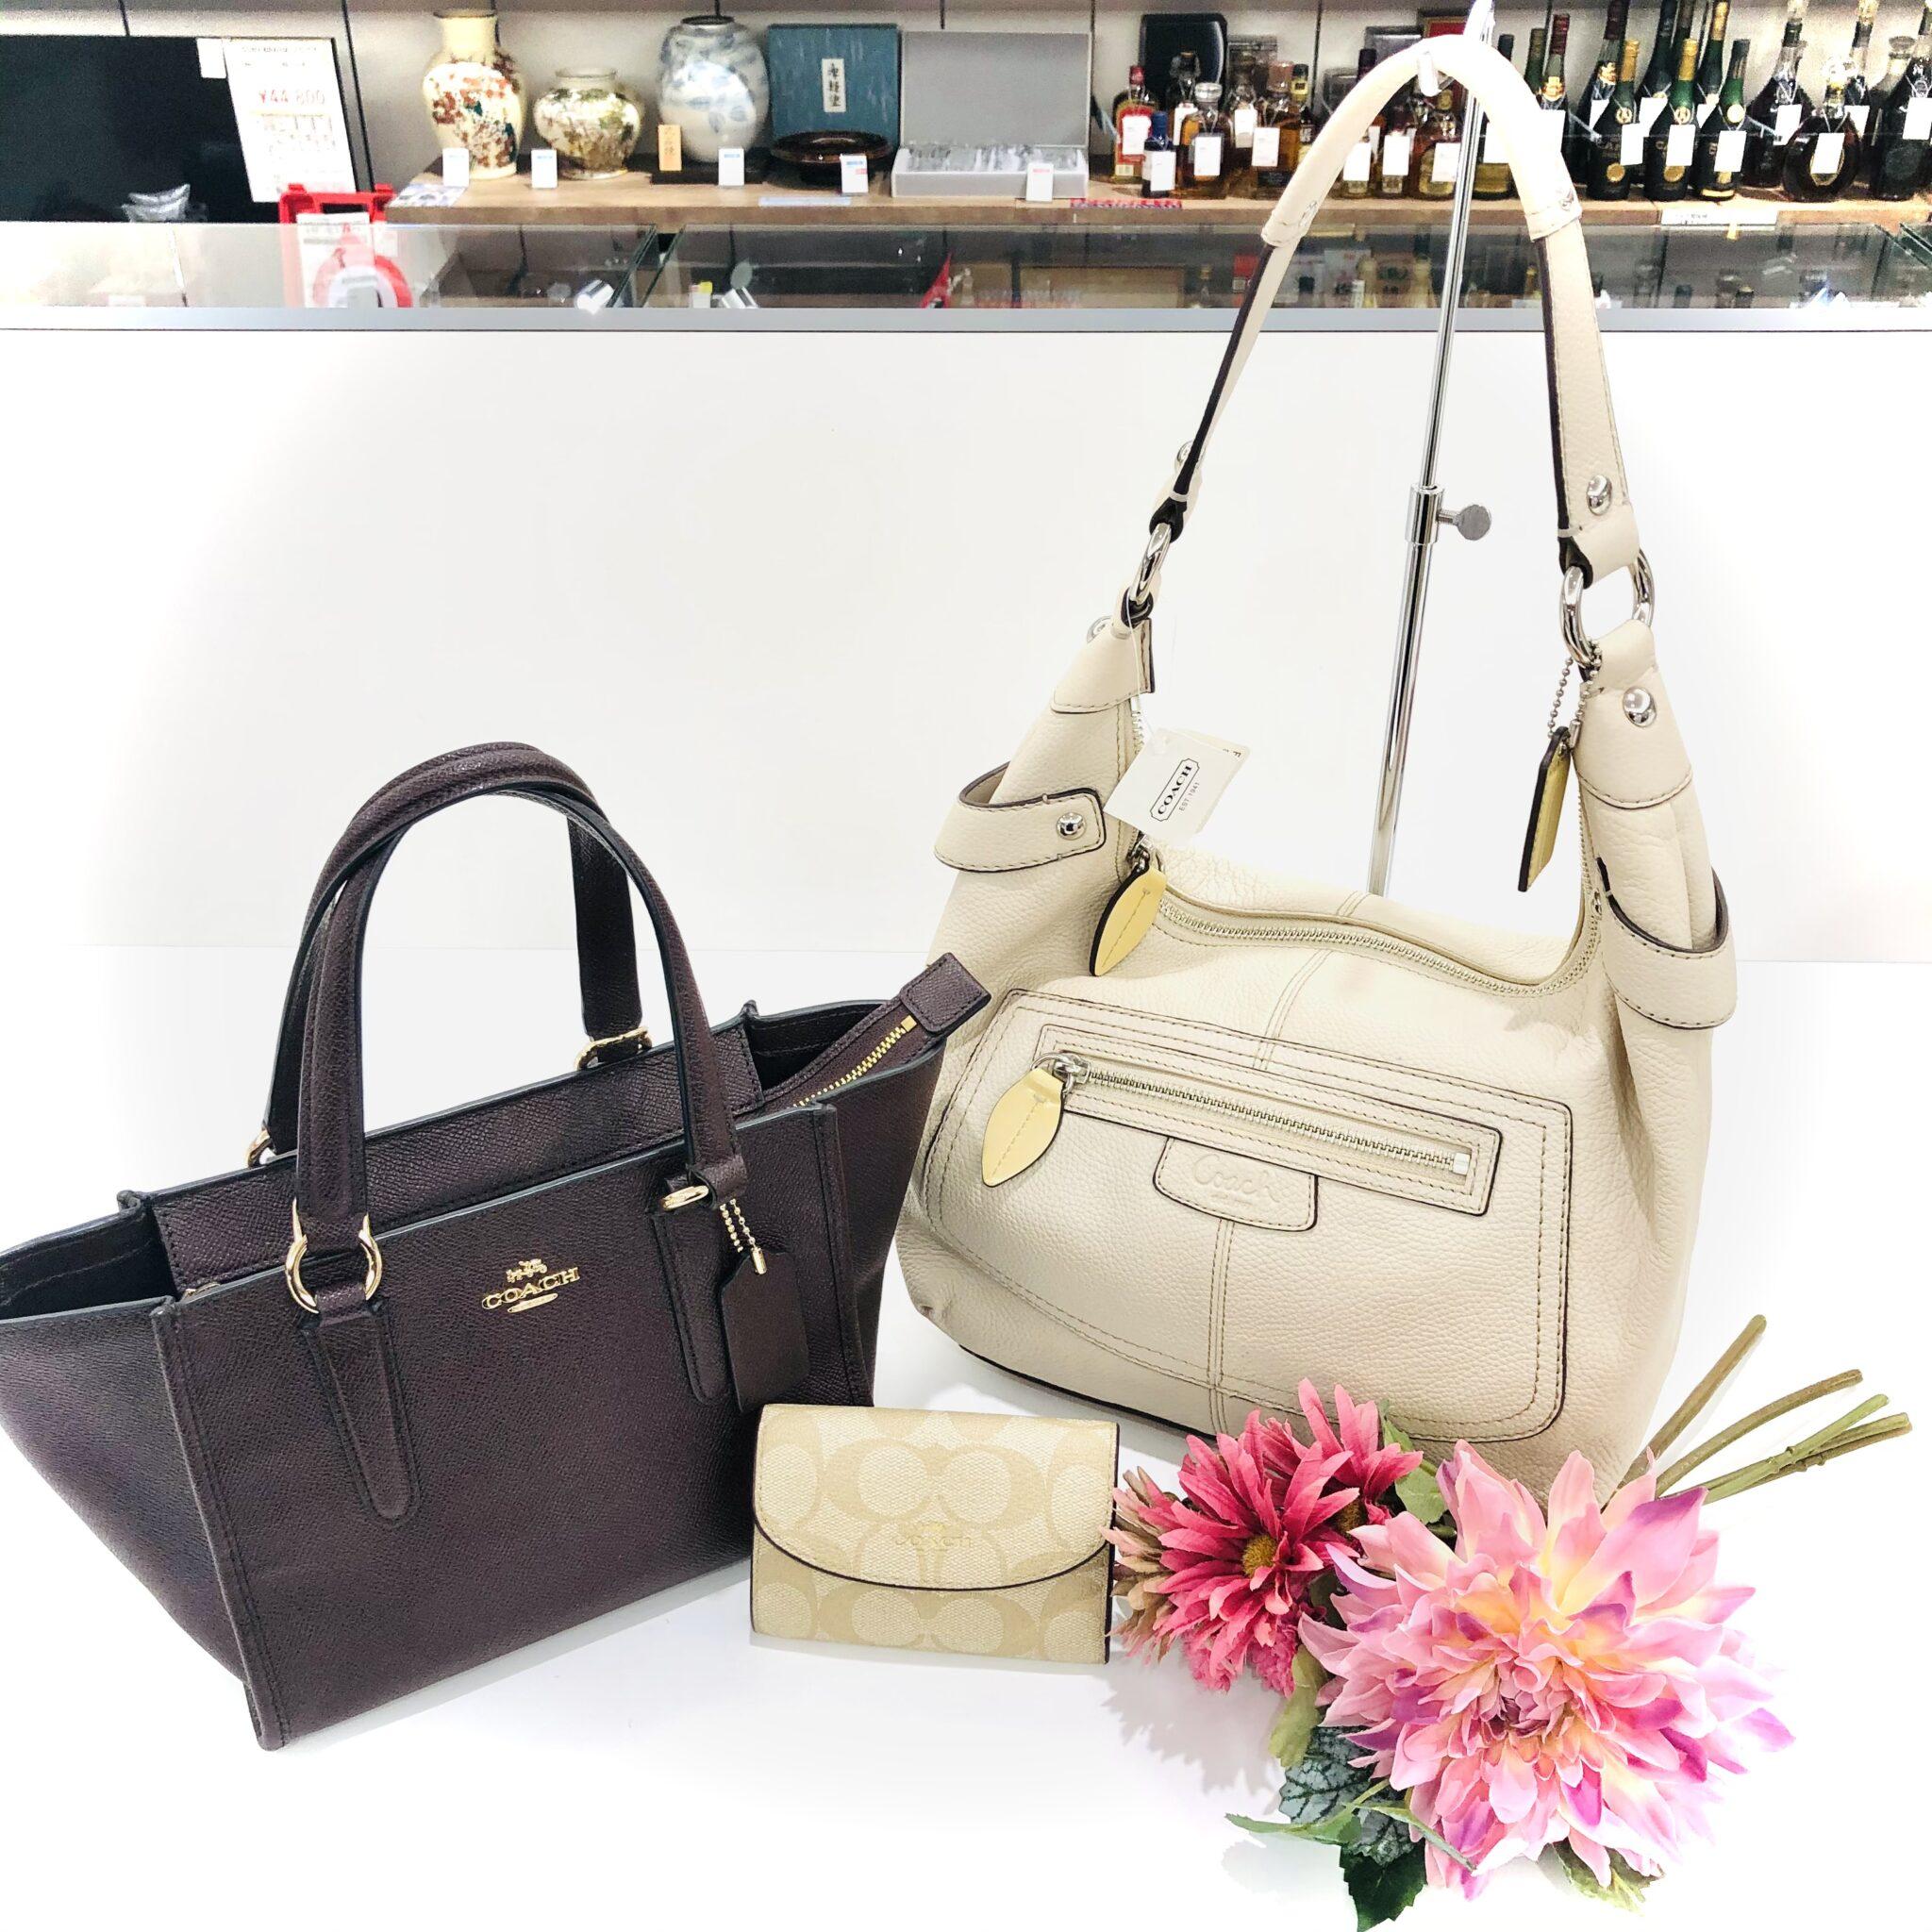 【コーチ 販売 盛岡】気分を新たに春に向けて『COACH』のバッグ